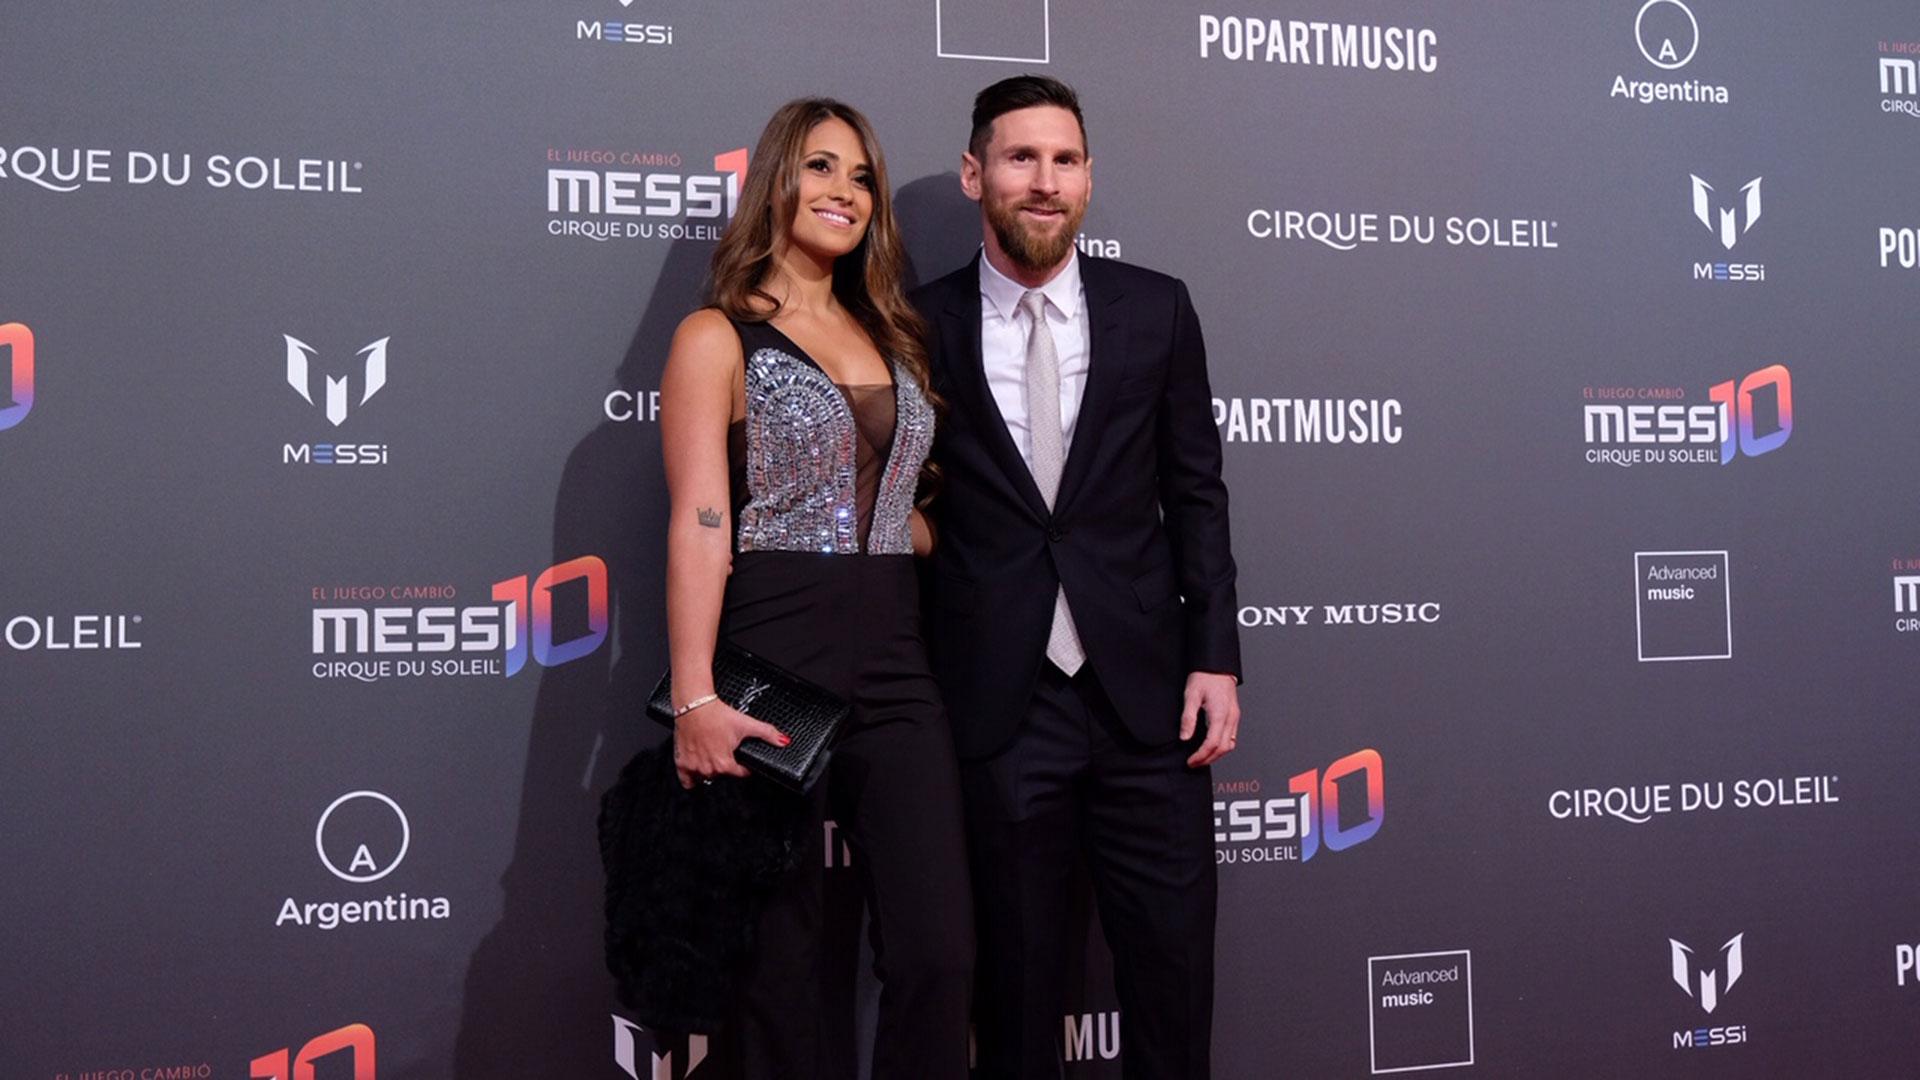 Lionel Messi junto a su esposa, Antonela Roccuzzo, en la fiestalanzamiento del show